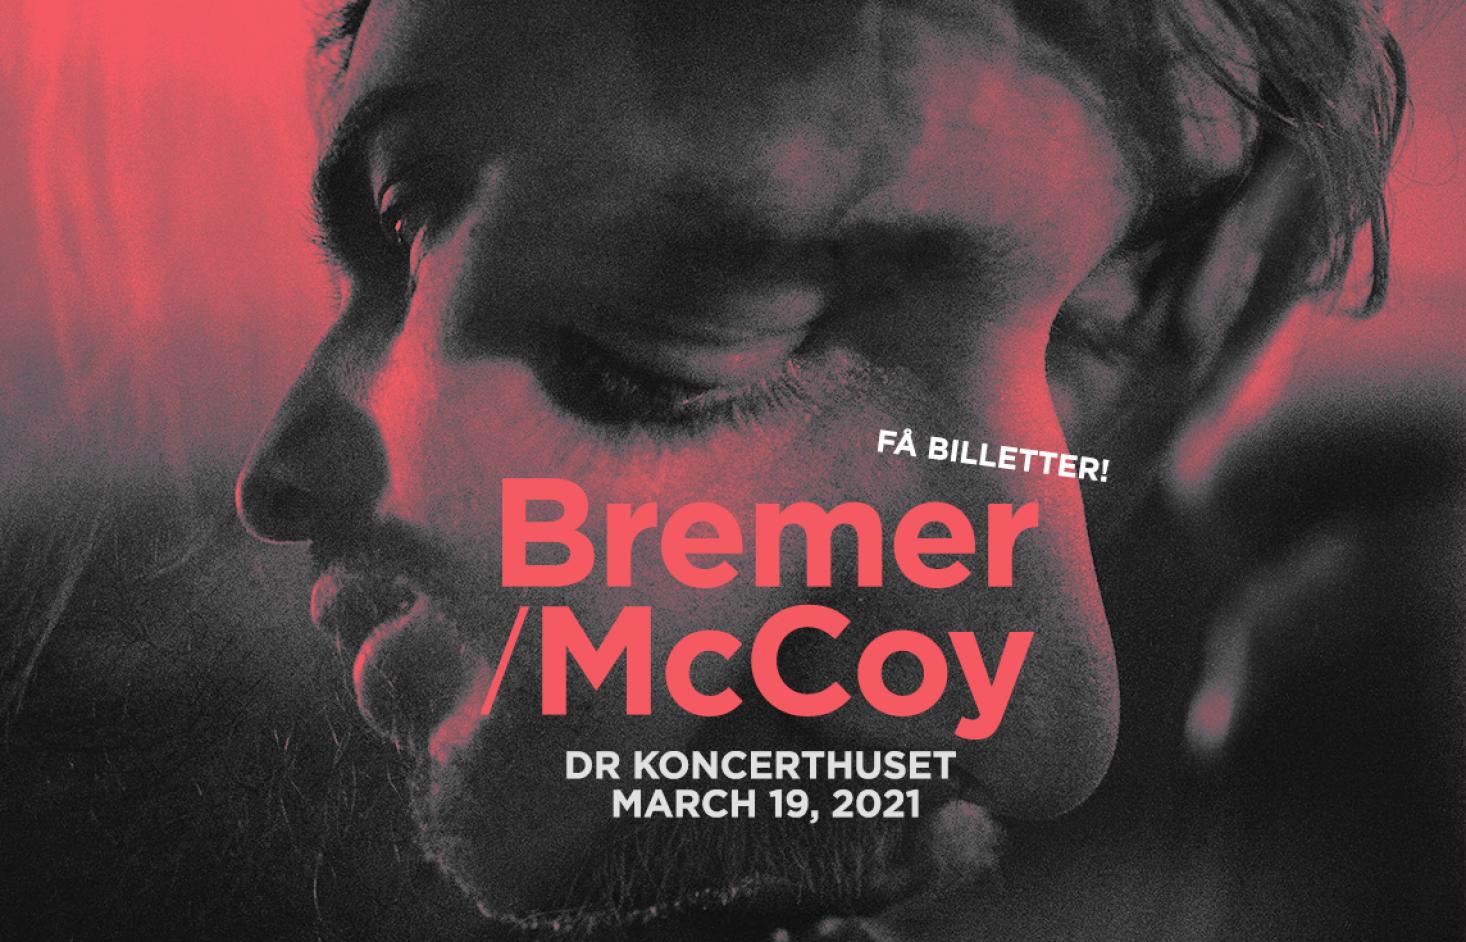 NEW DATE: 19/3: Bremer/McCoy –DR Koncerthuset, Koncertsalen